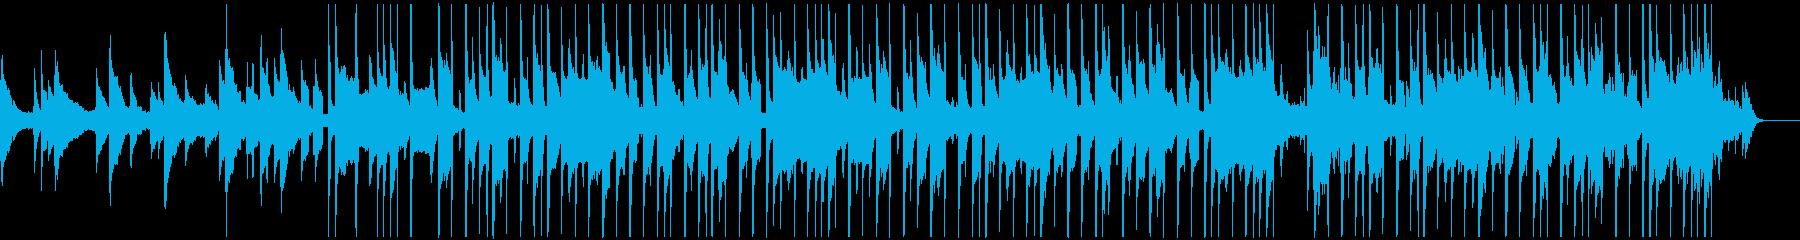 琴の音が心地よいLo-fi HIPHOPの再生済みの波形